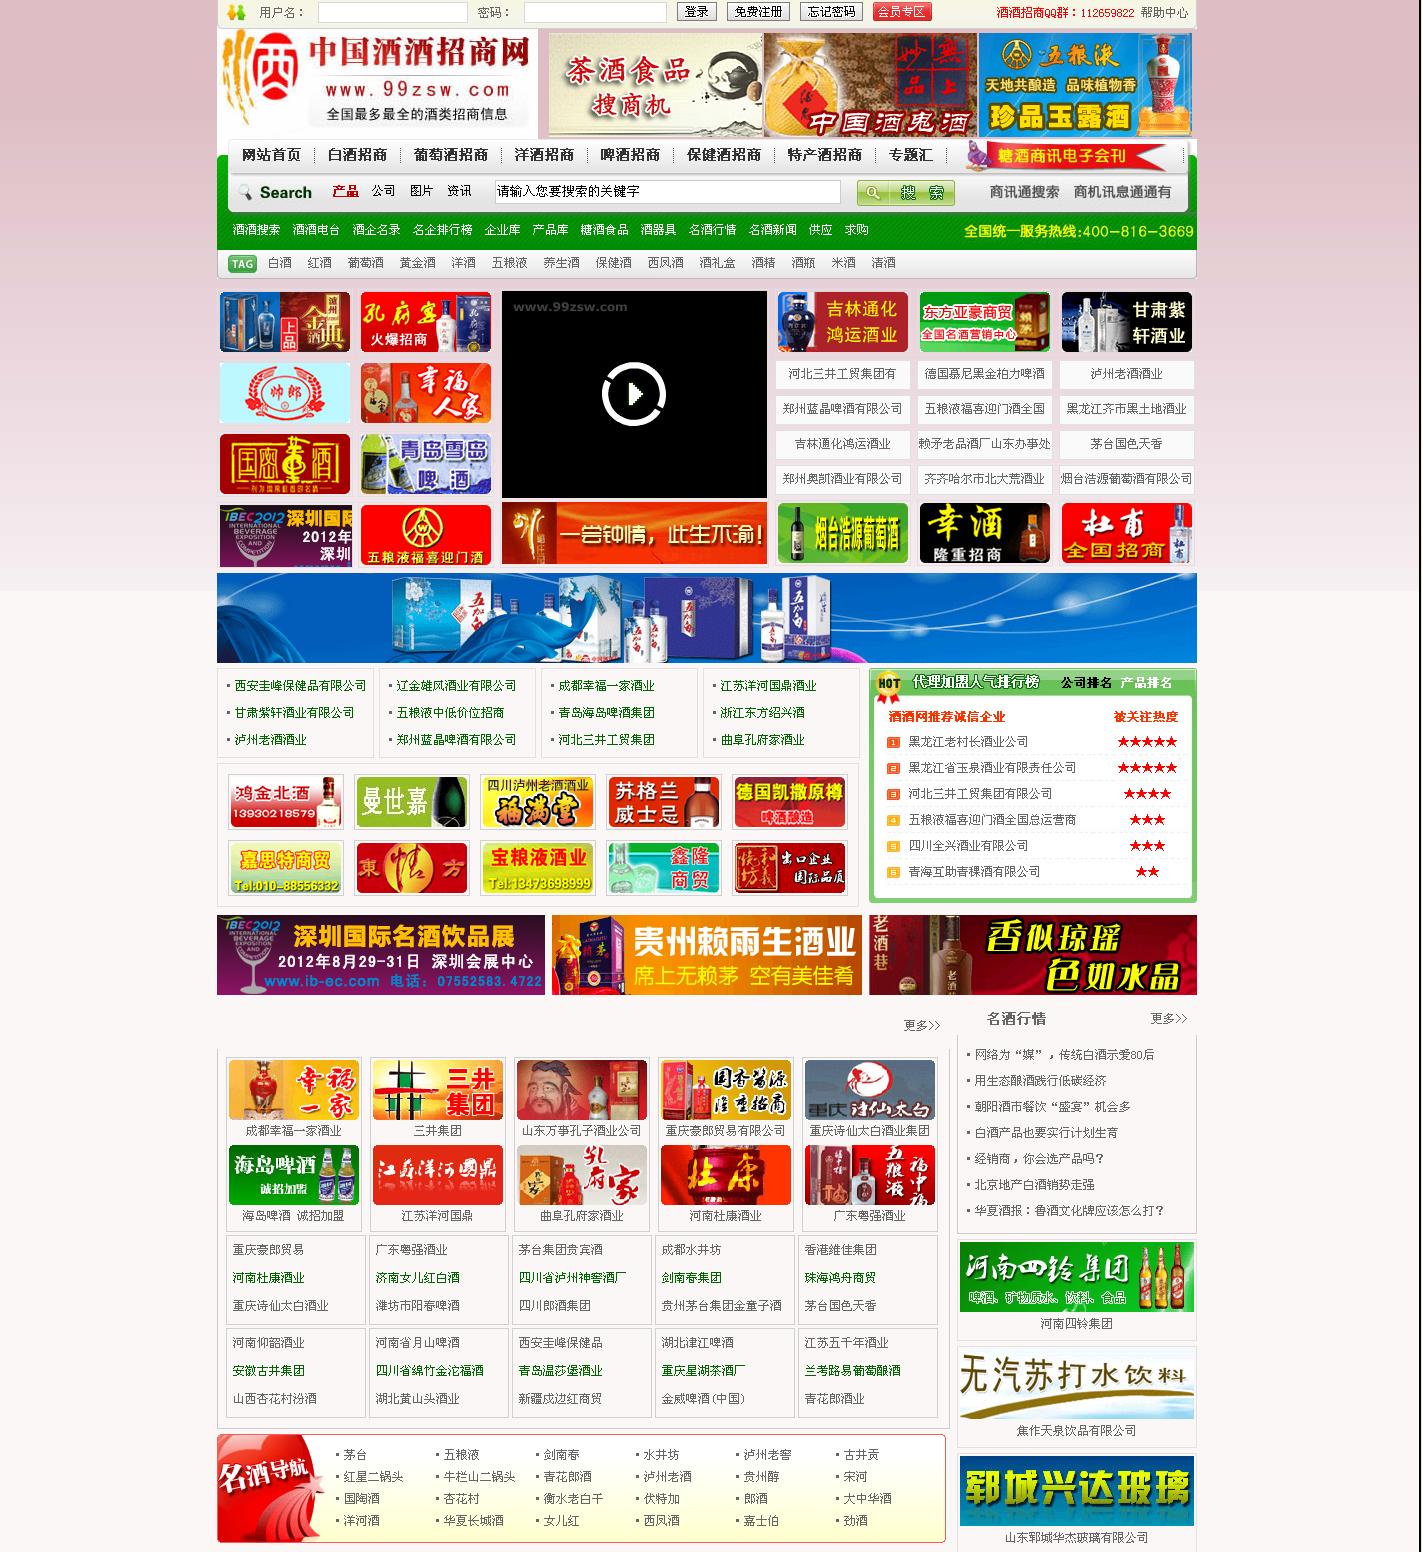 中国酒酒招商网